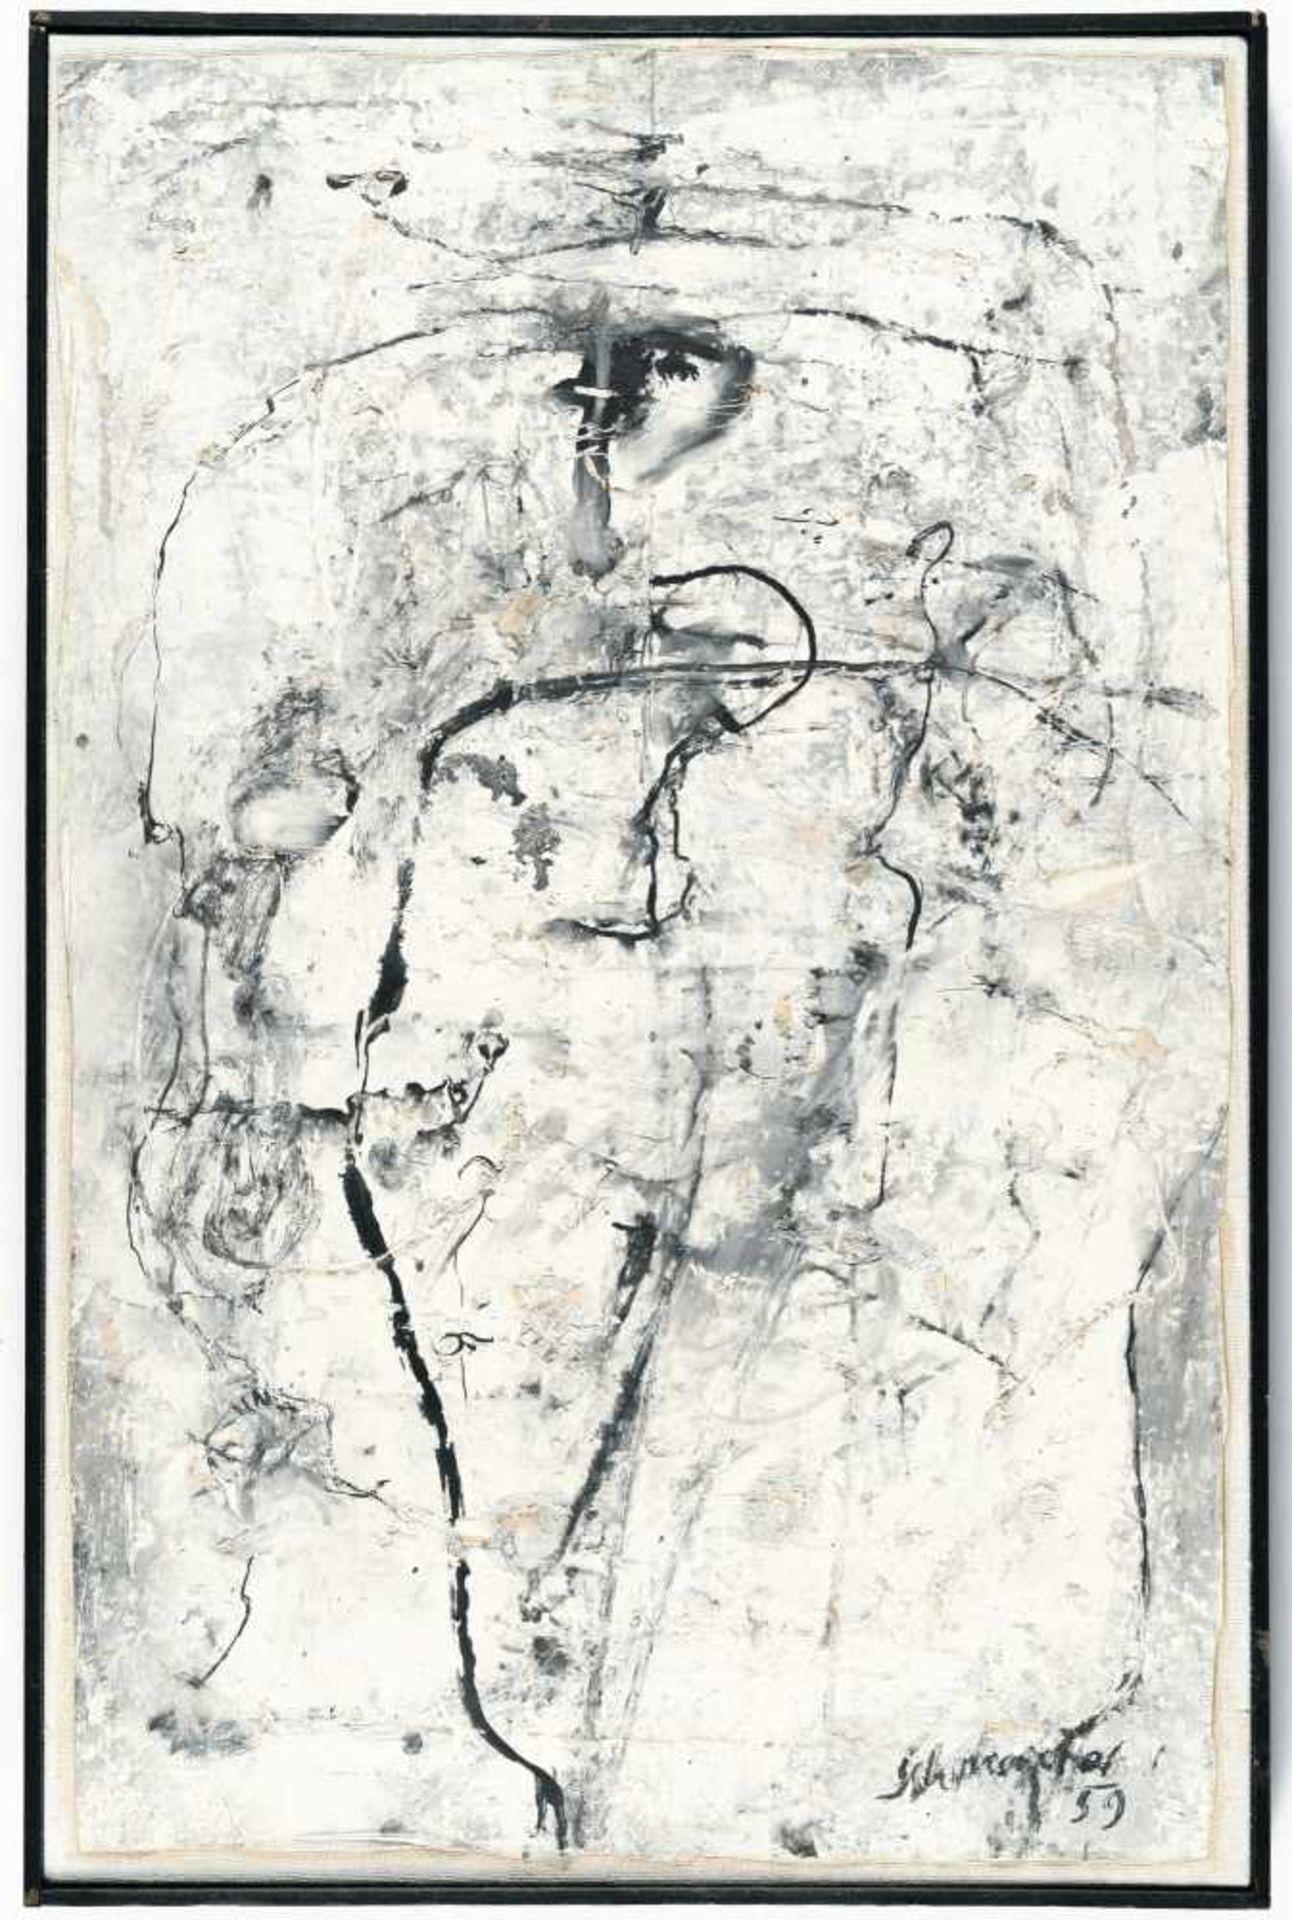 Emil Schumacher - Bild 2 aus 3